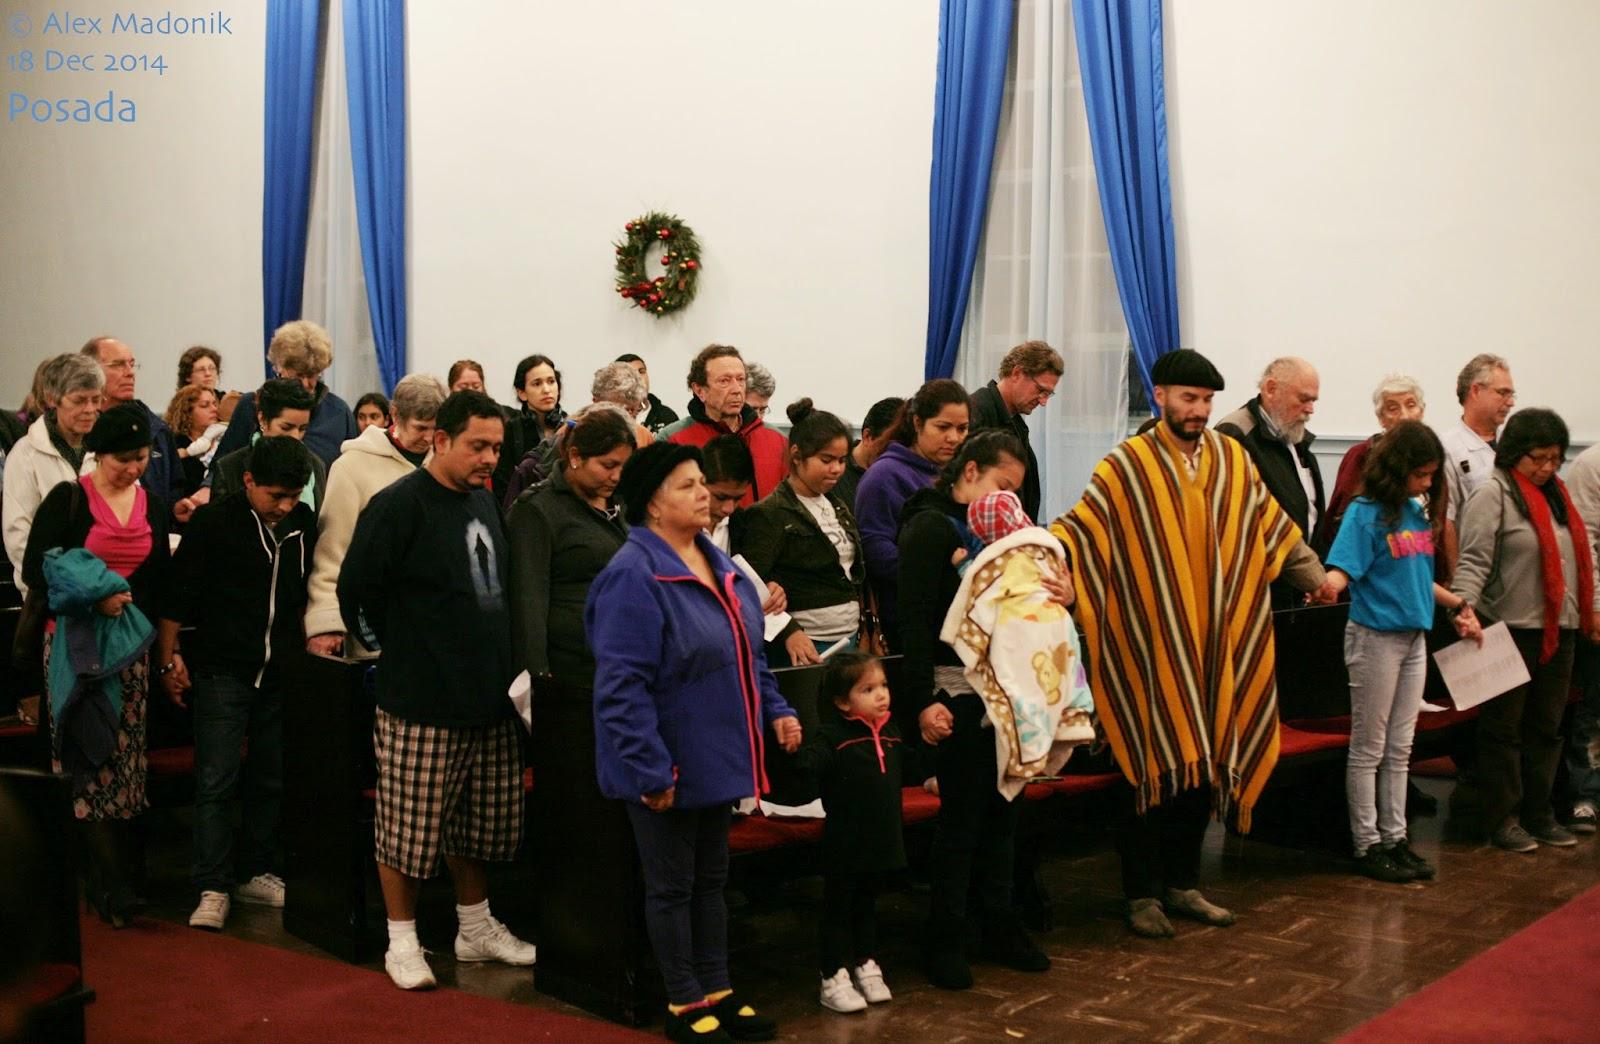 IMG_0983_Posada_Prayer